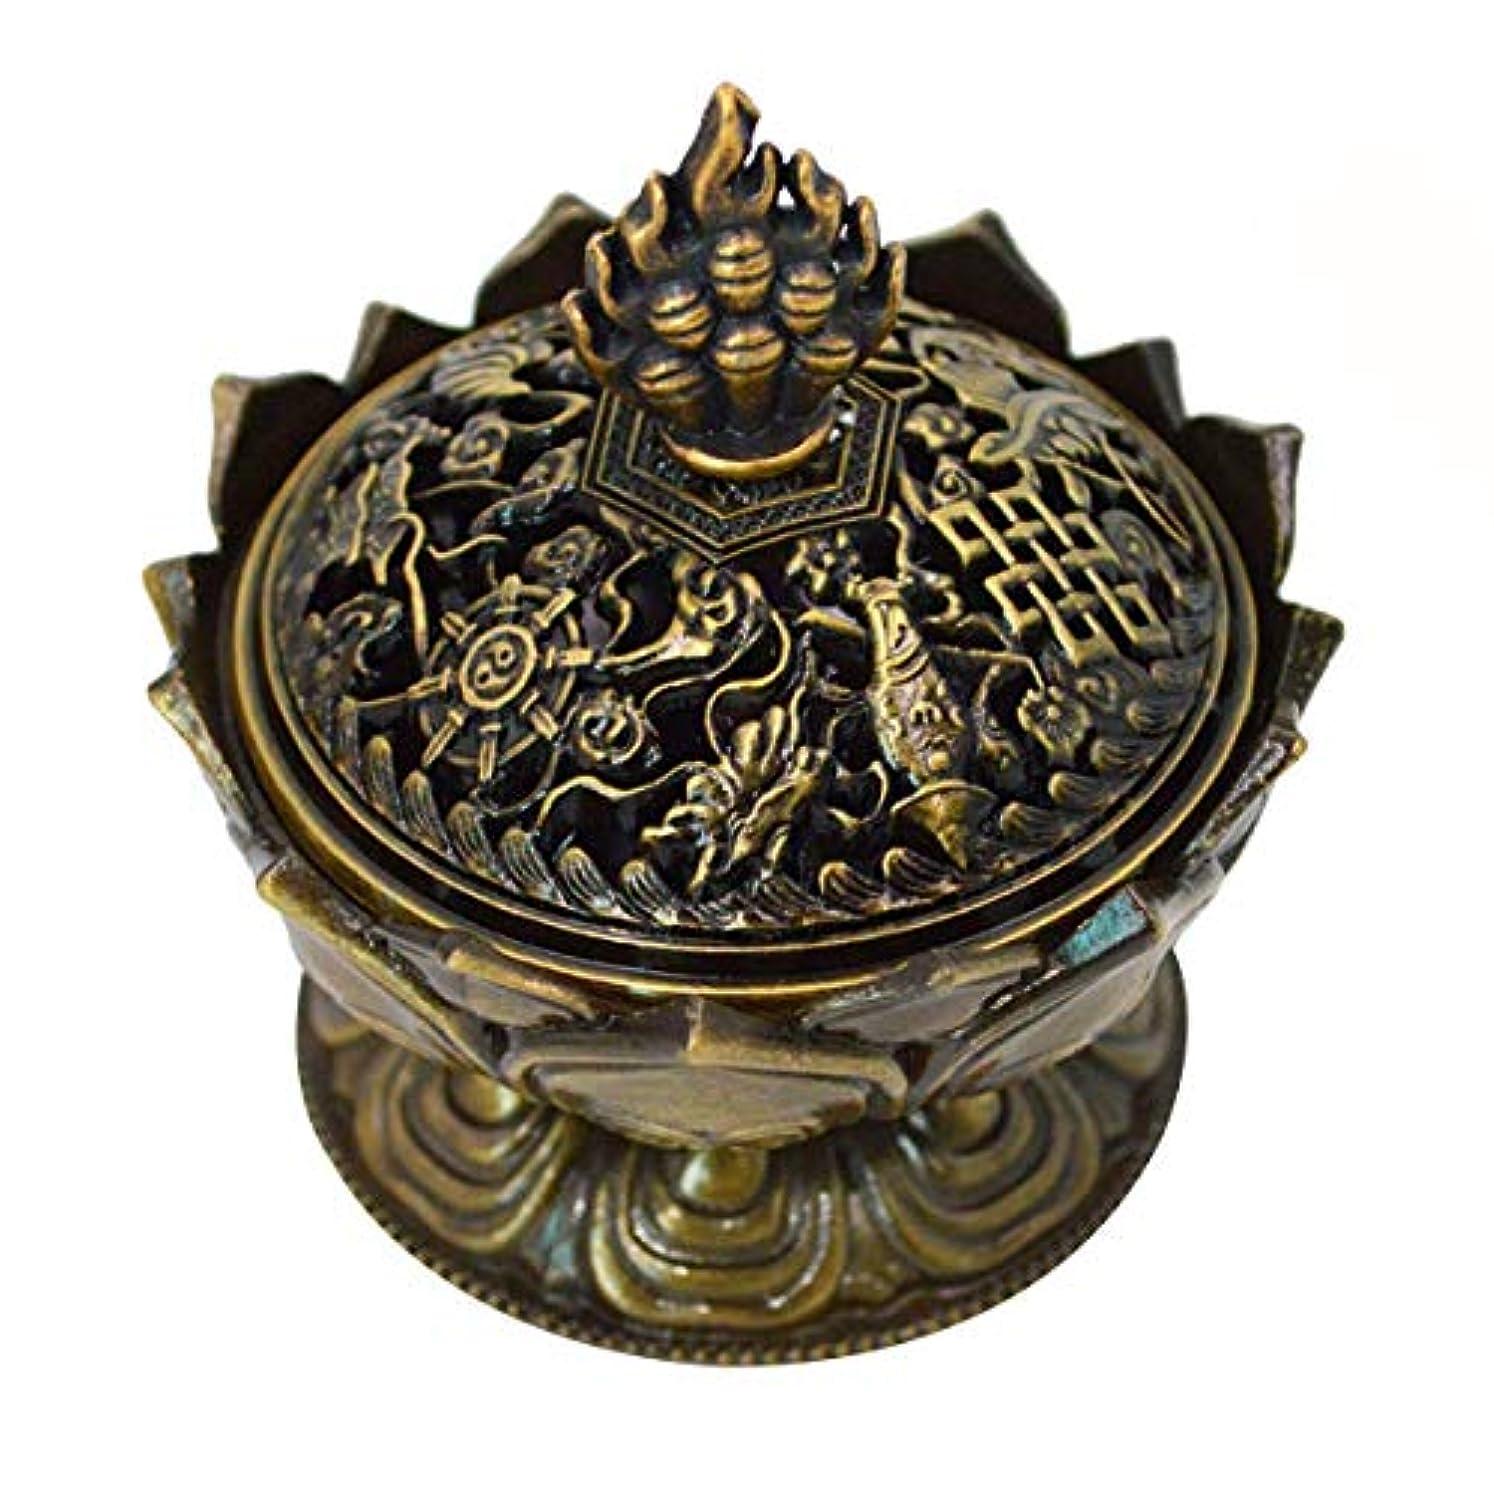 タバコバーベキュー傾いた(Bronze) - Buddha Lotus Flower Incense Burner Alloy Metal Incense Holder Censer Creative Christmas Gifts (Bronze)